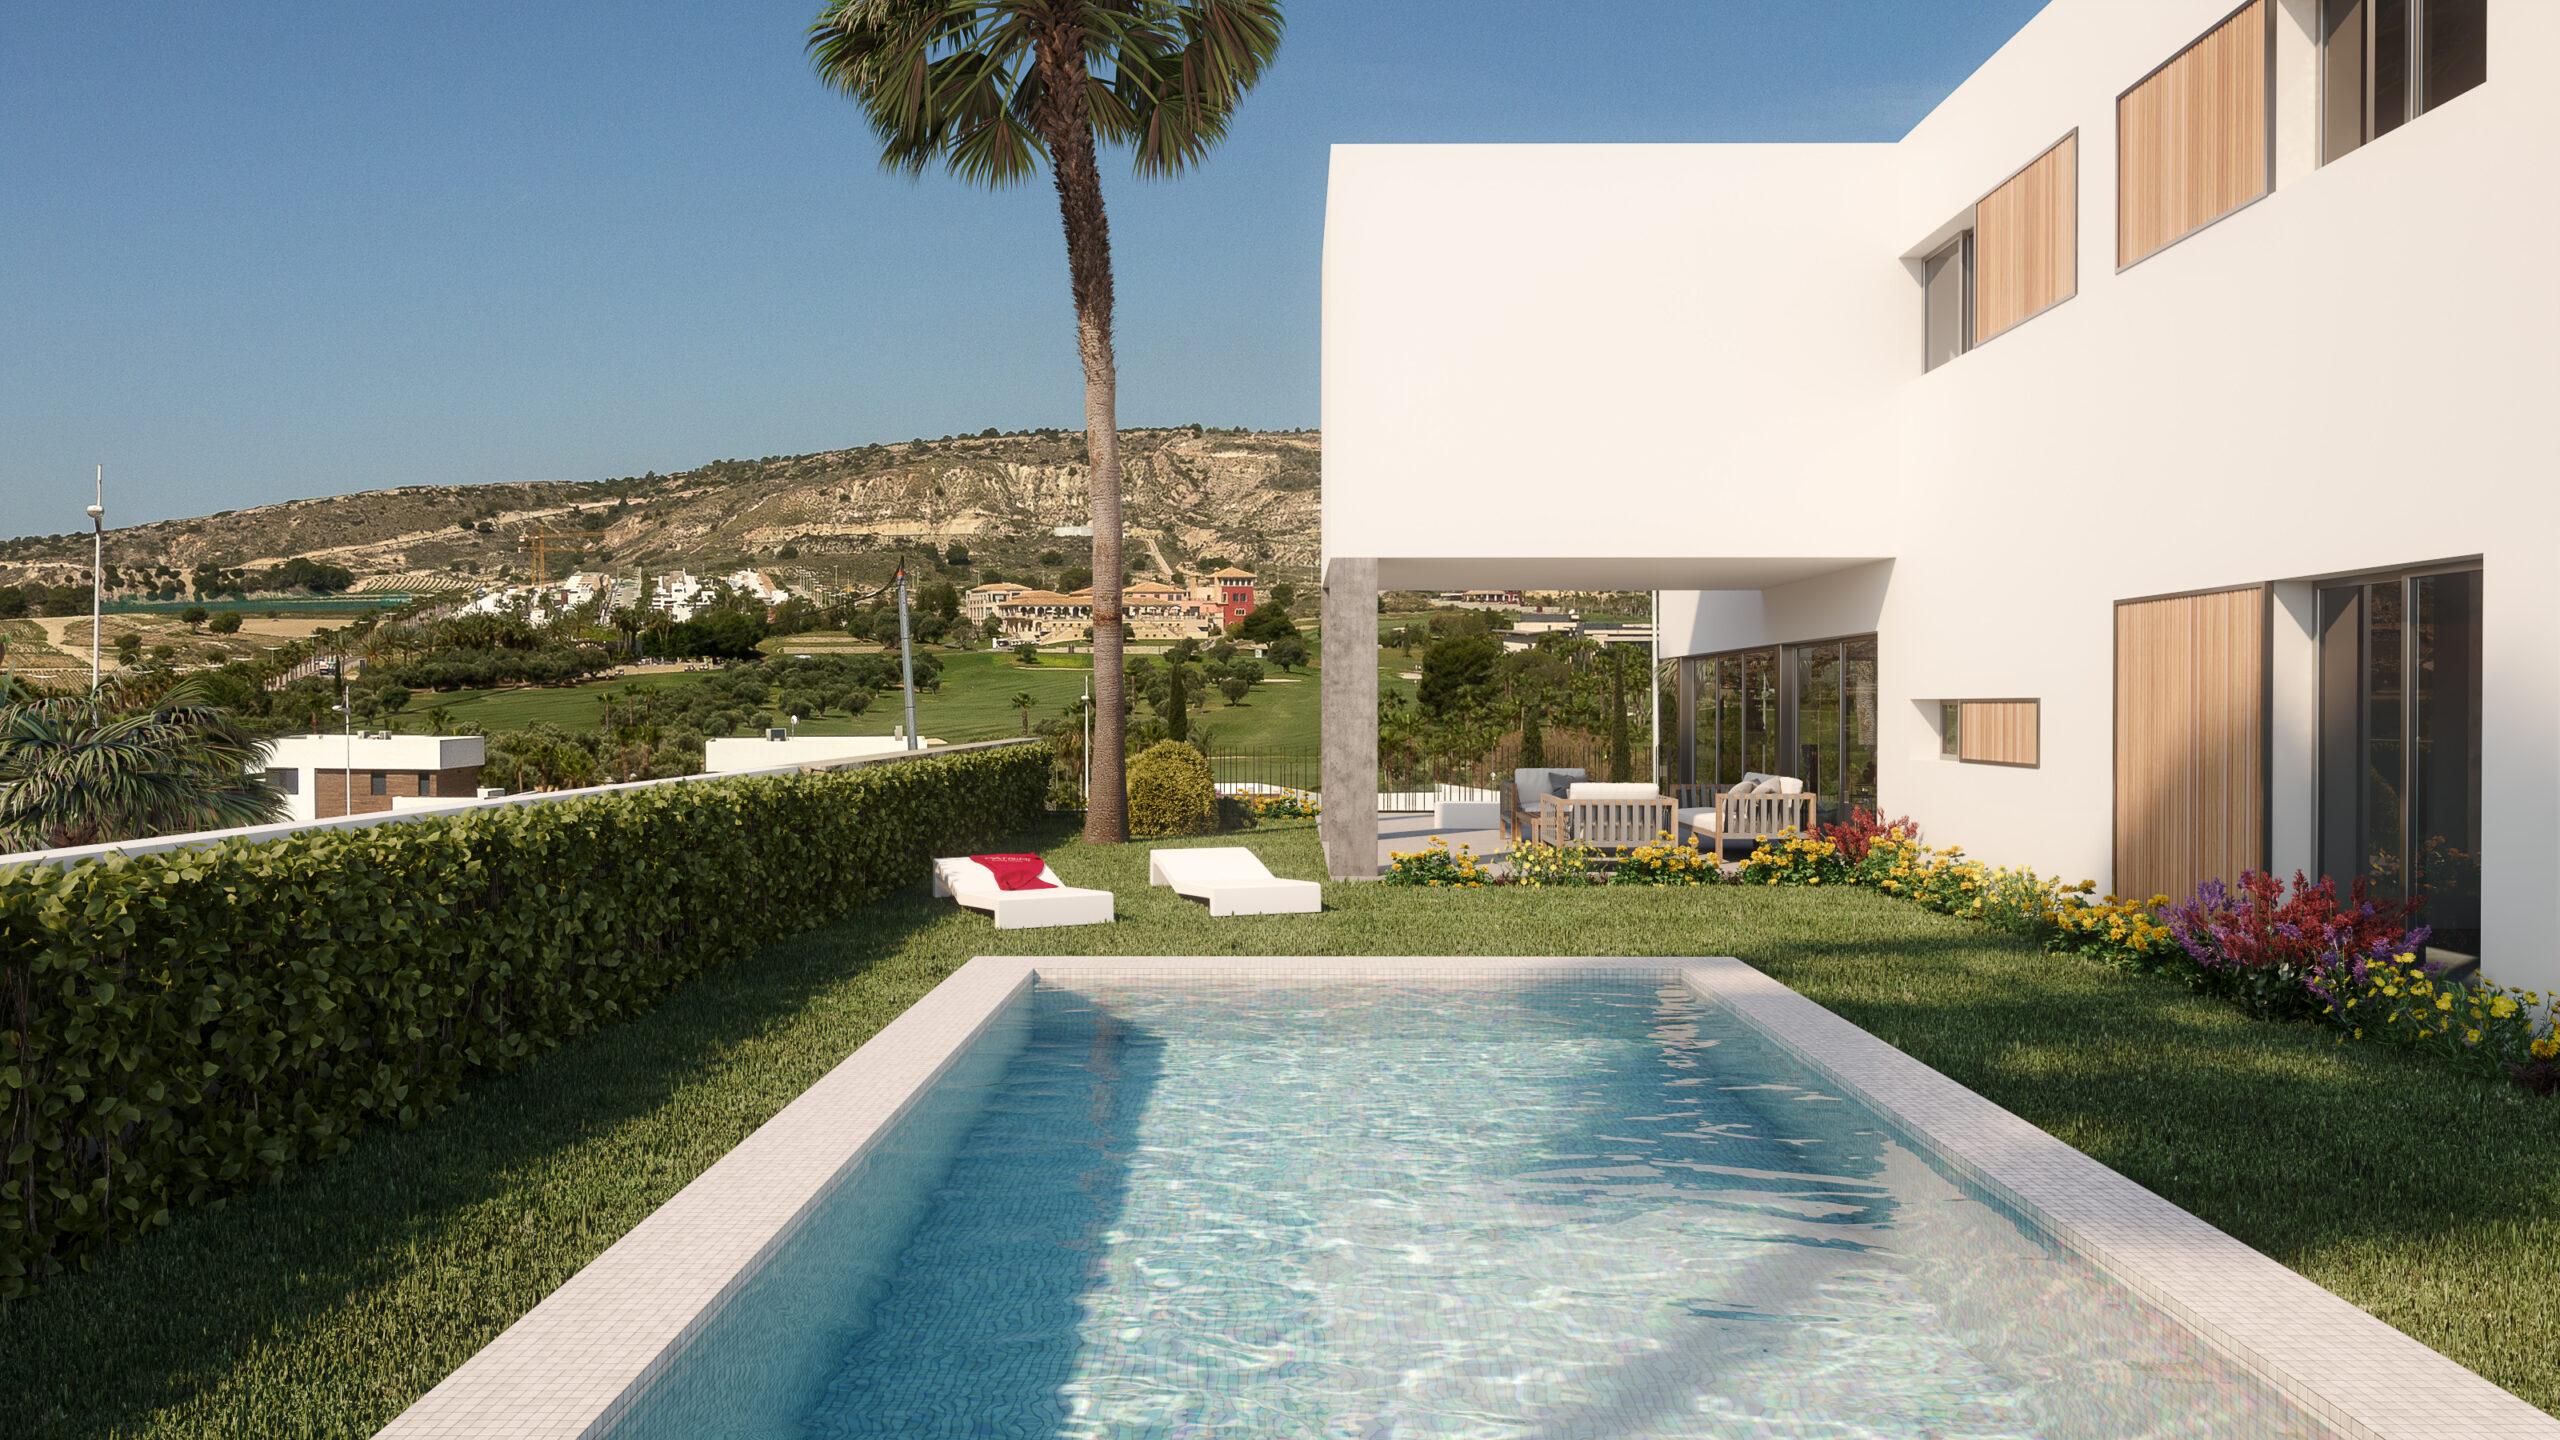 New Build villas 4 bedrooms 3 bathrooms in Algorfa